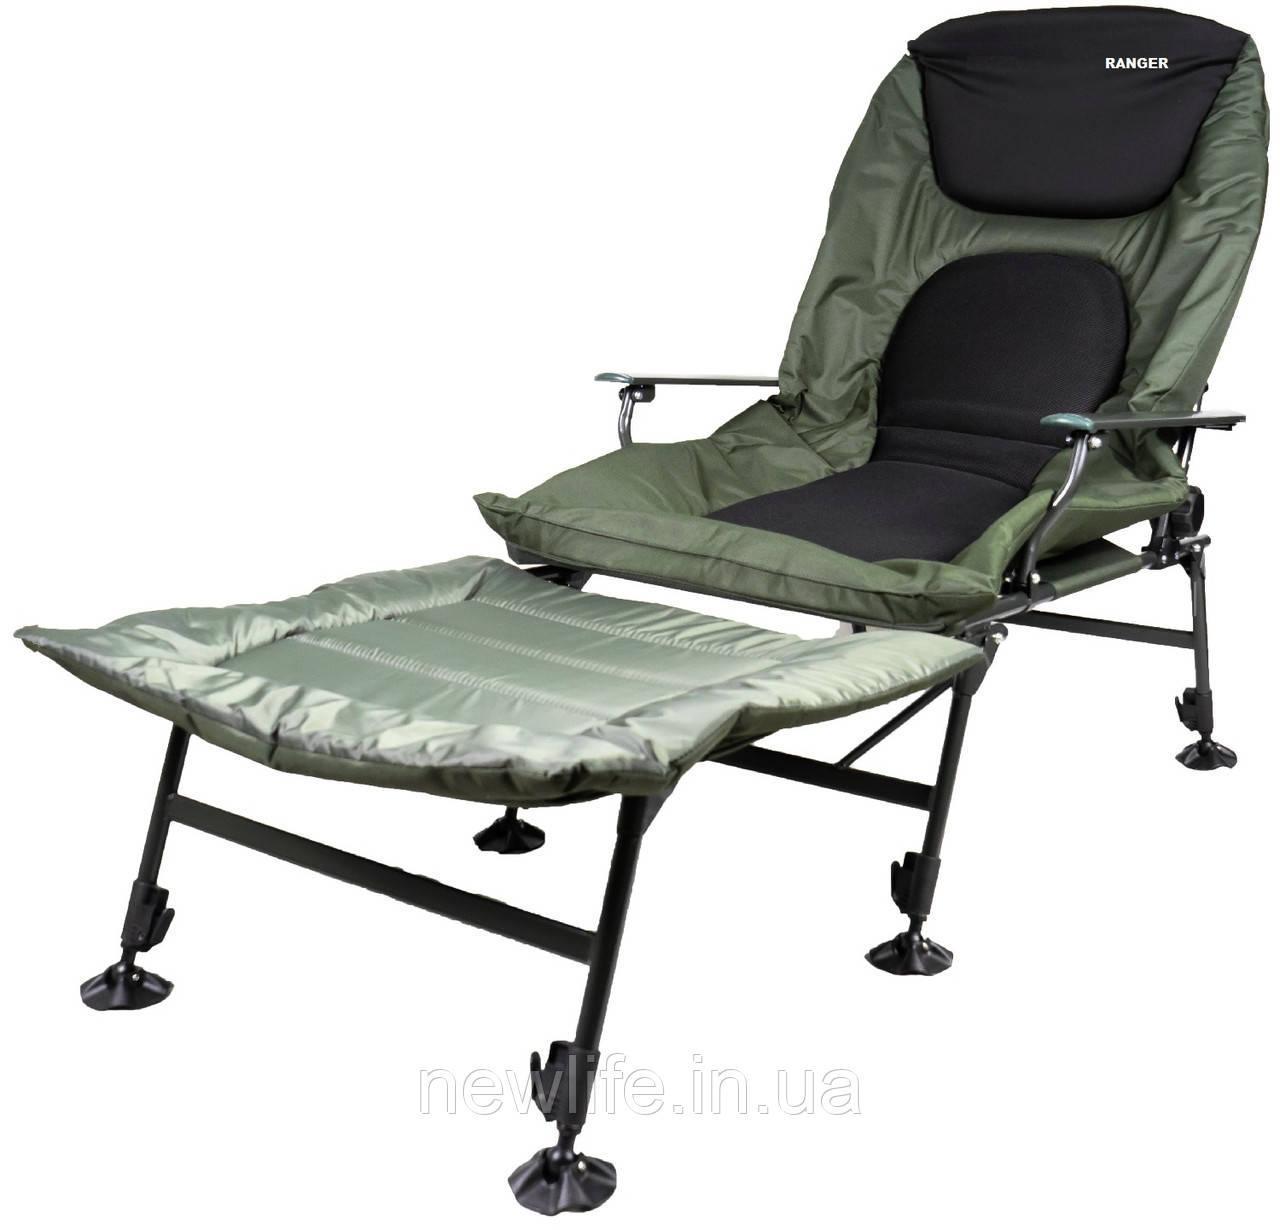 Коропове крісло-ліжко Ranger Grand SL-106